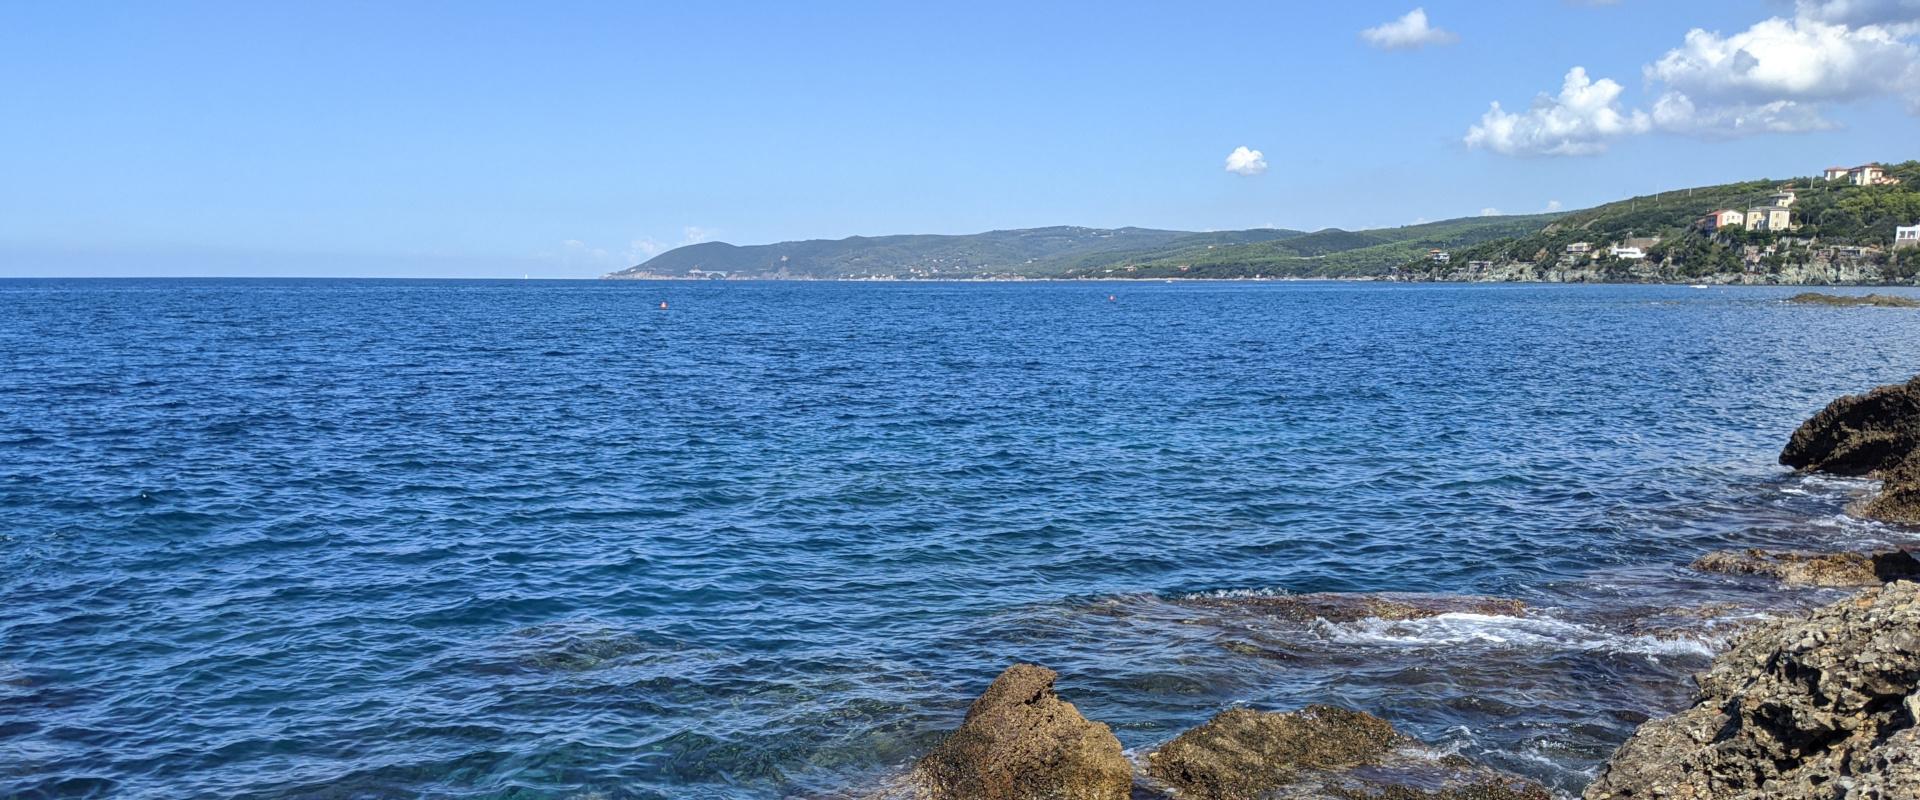 Italian Mediterranean Sea